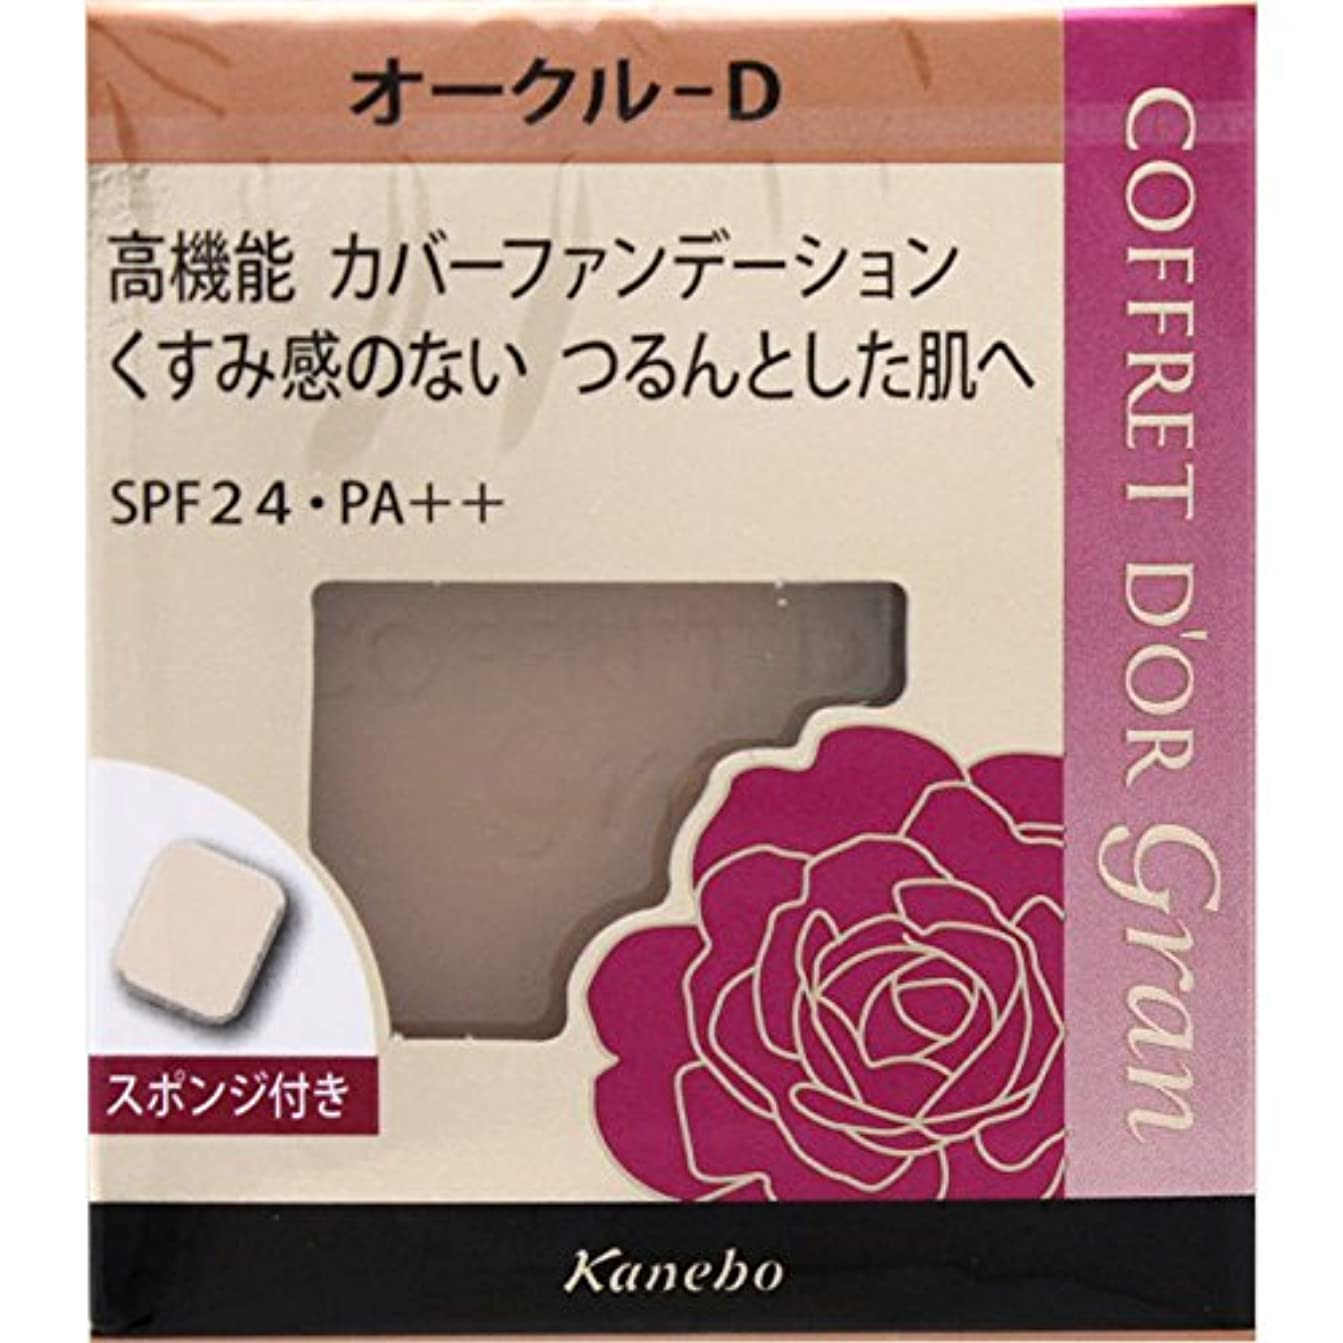 カネボウ(Kanebo) コフレドールグランカバーフィットパクトUVII《10.5g》<カラー:オークルD>